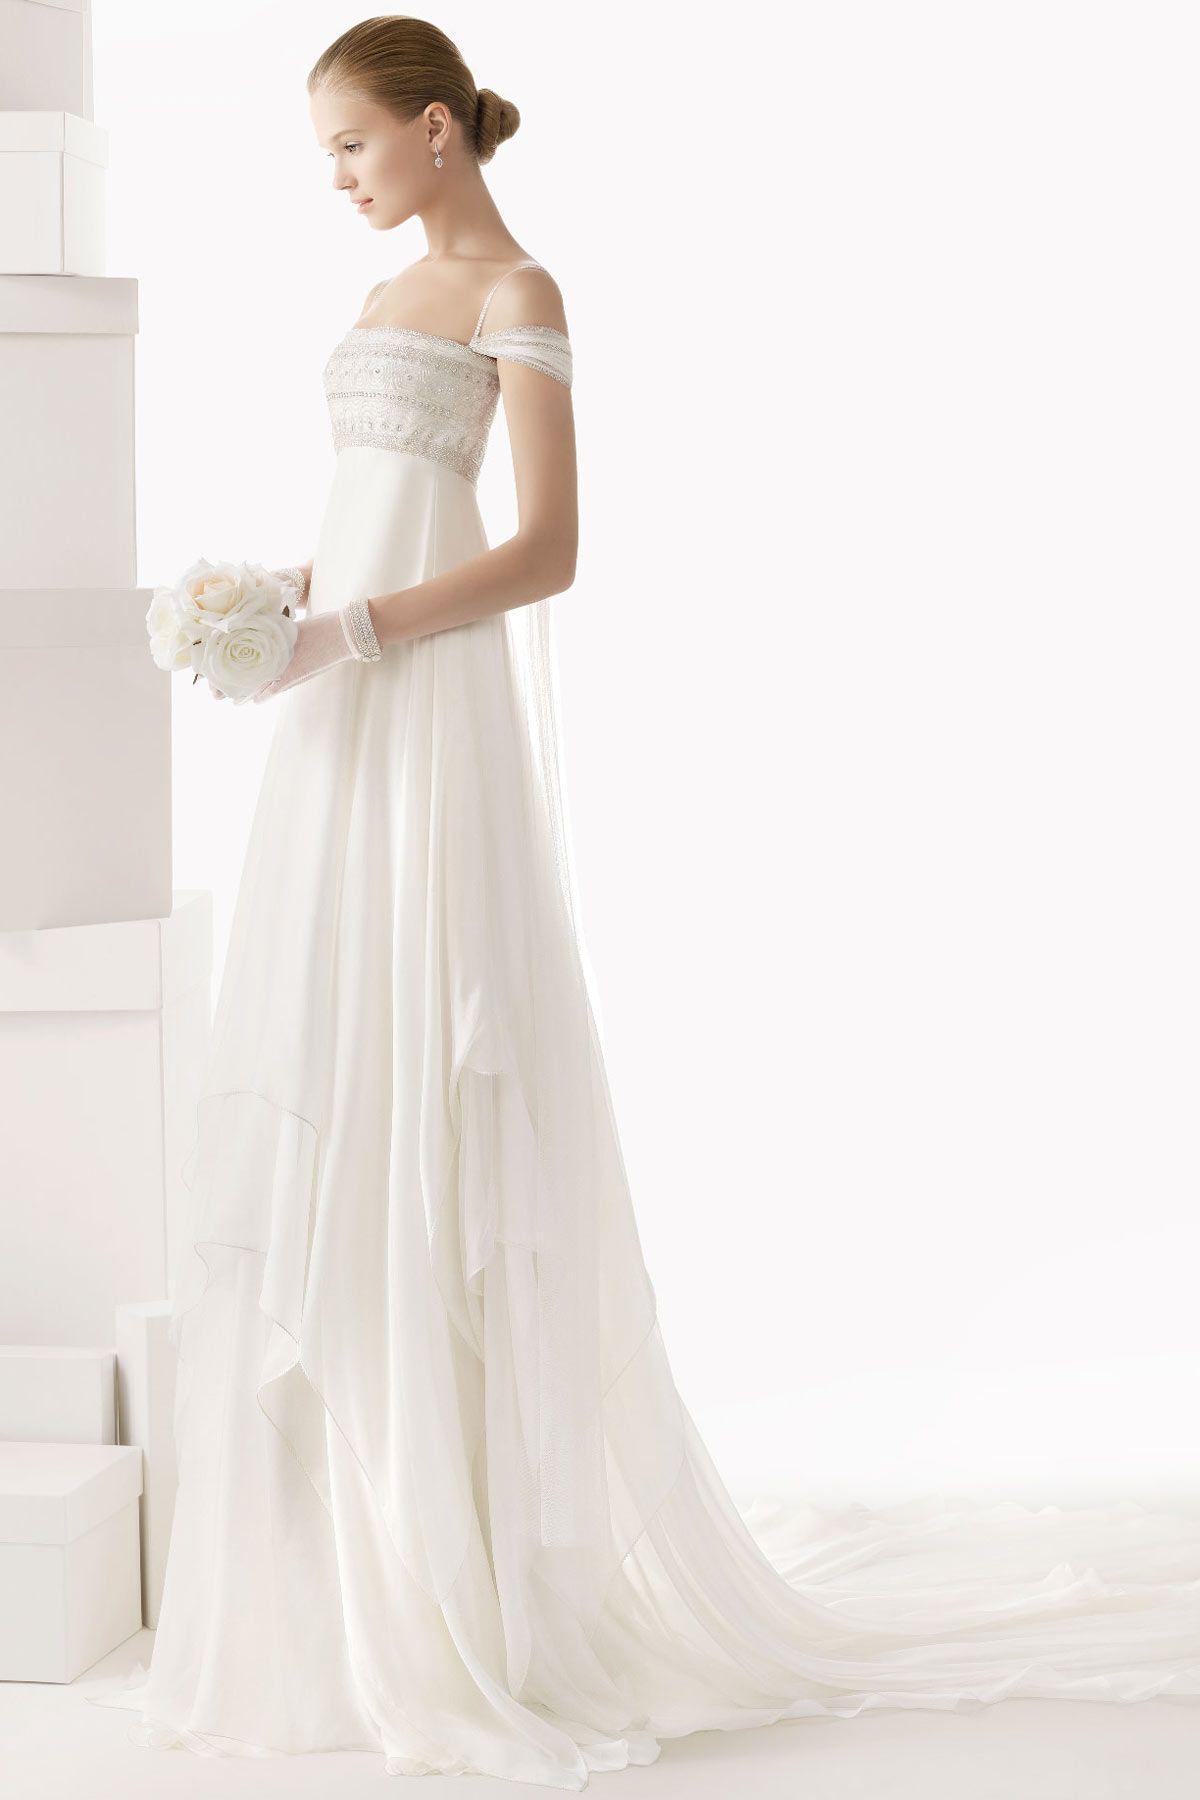 Robe blanche forme empire